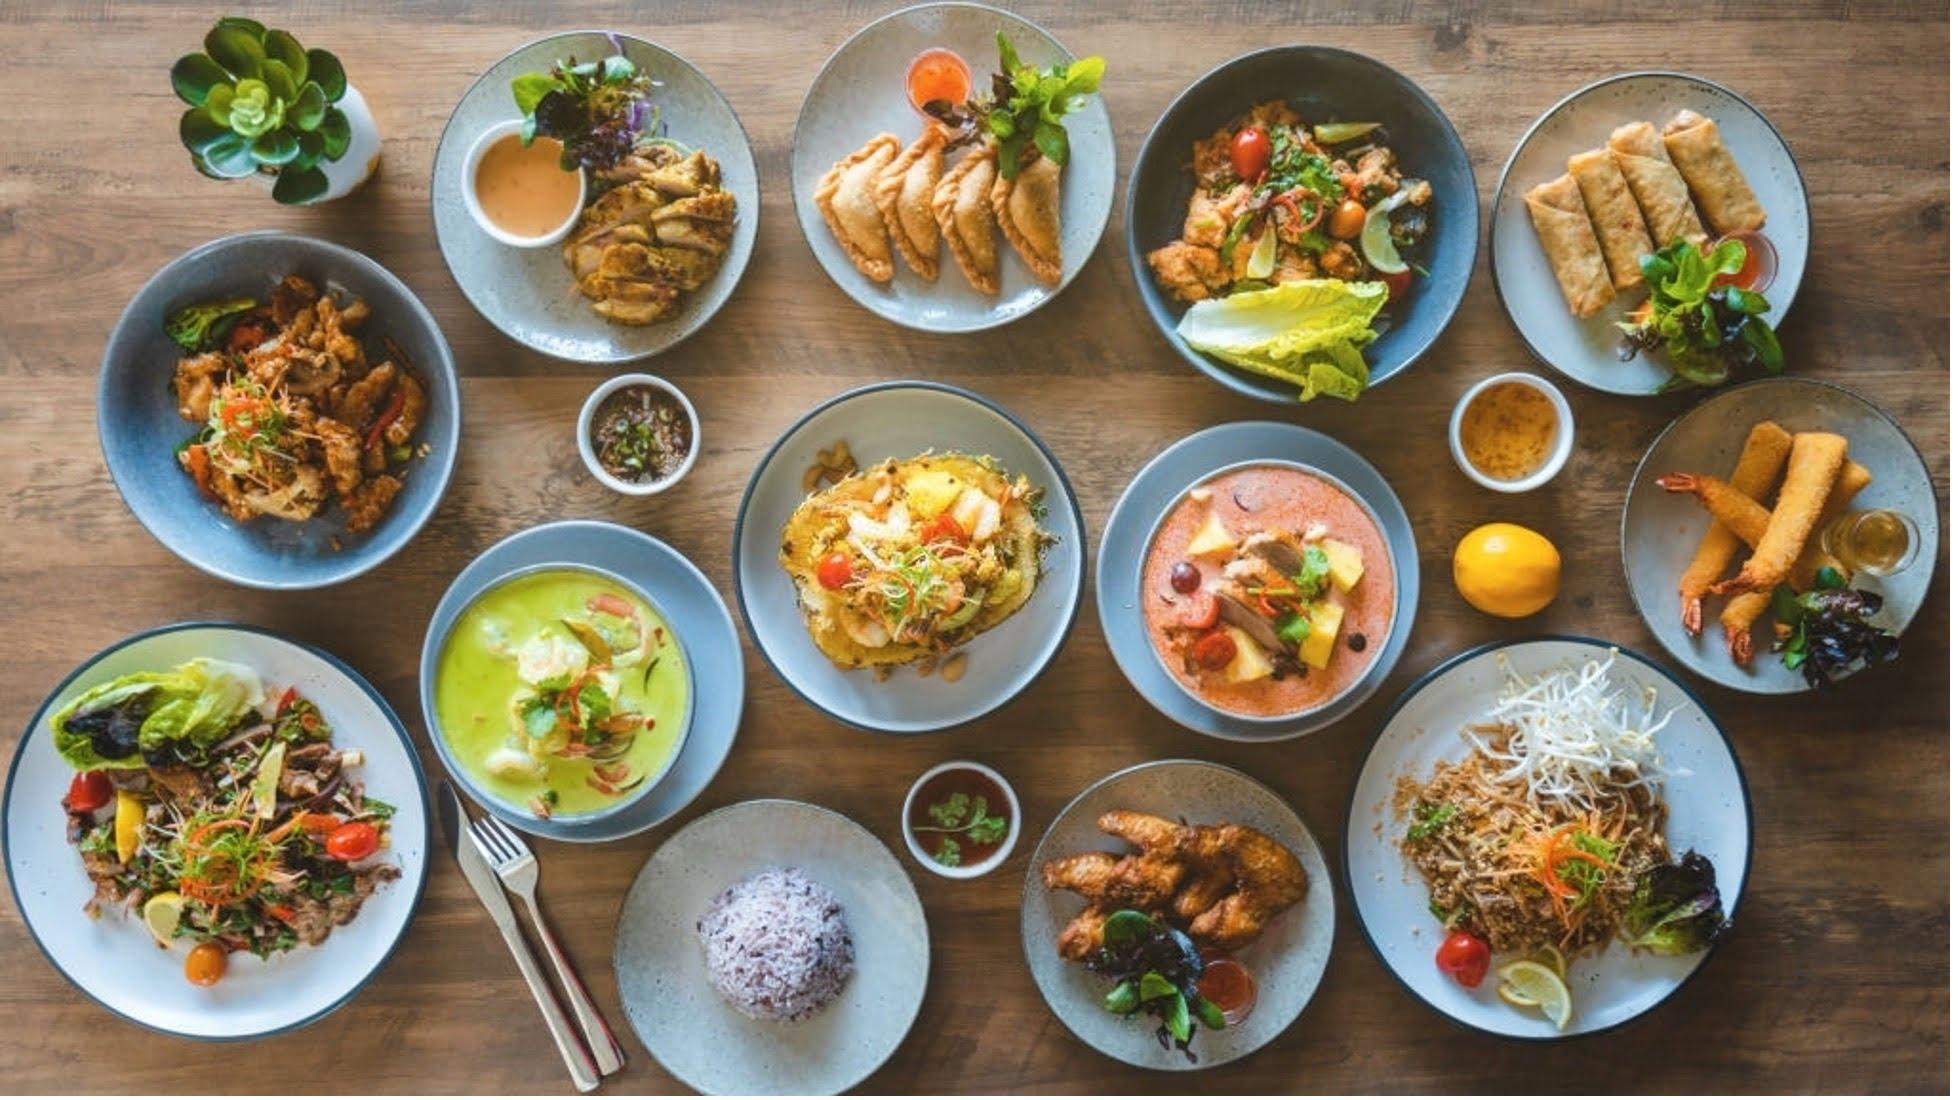 vegetarian food on table